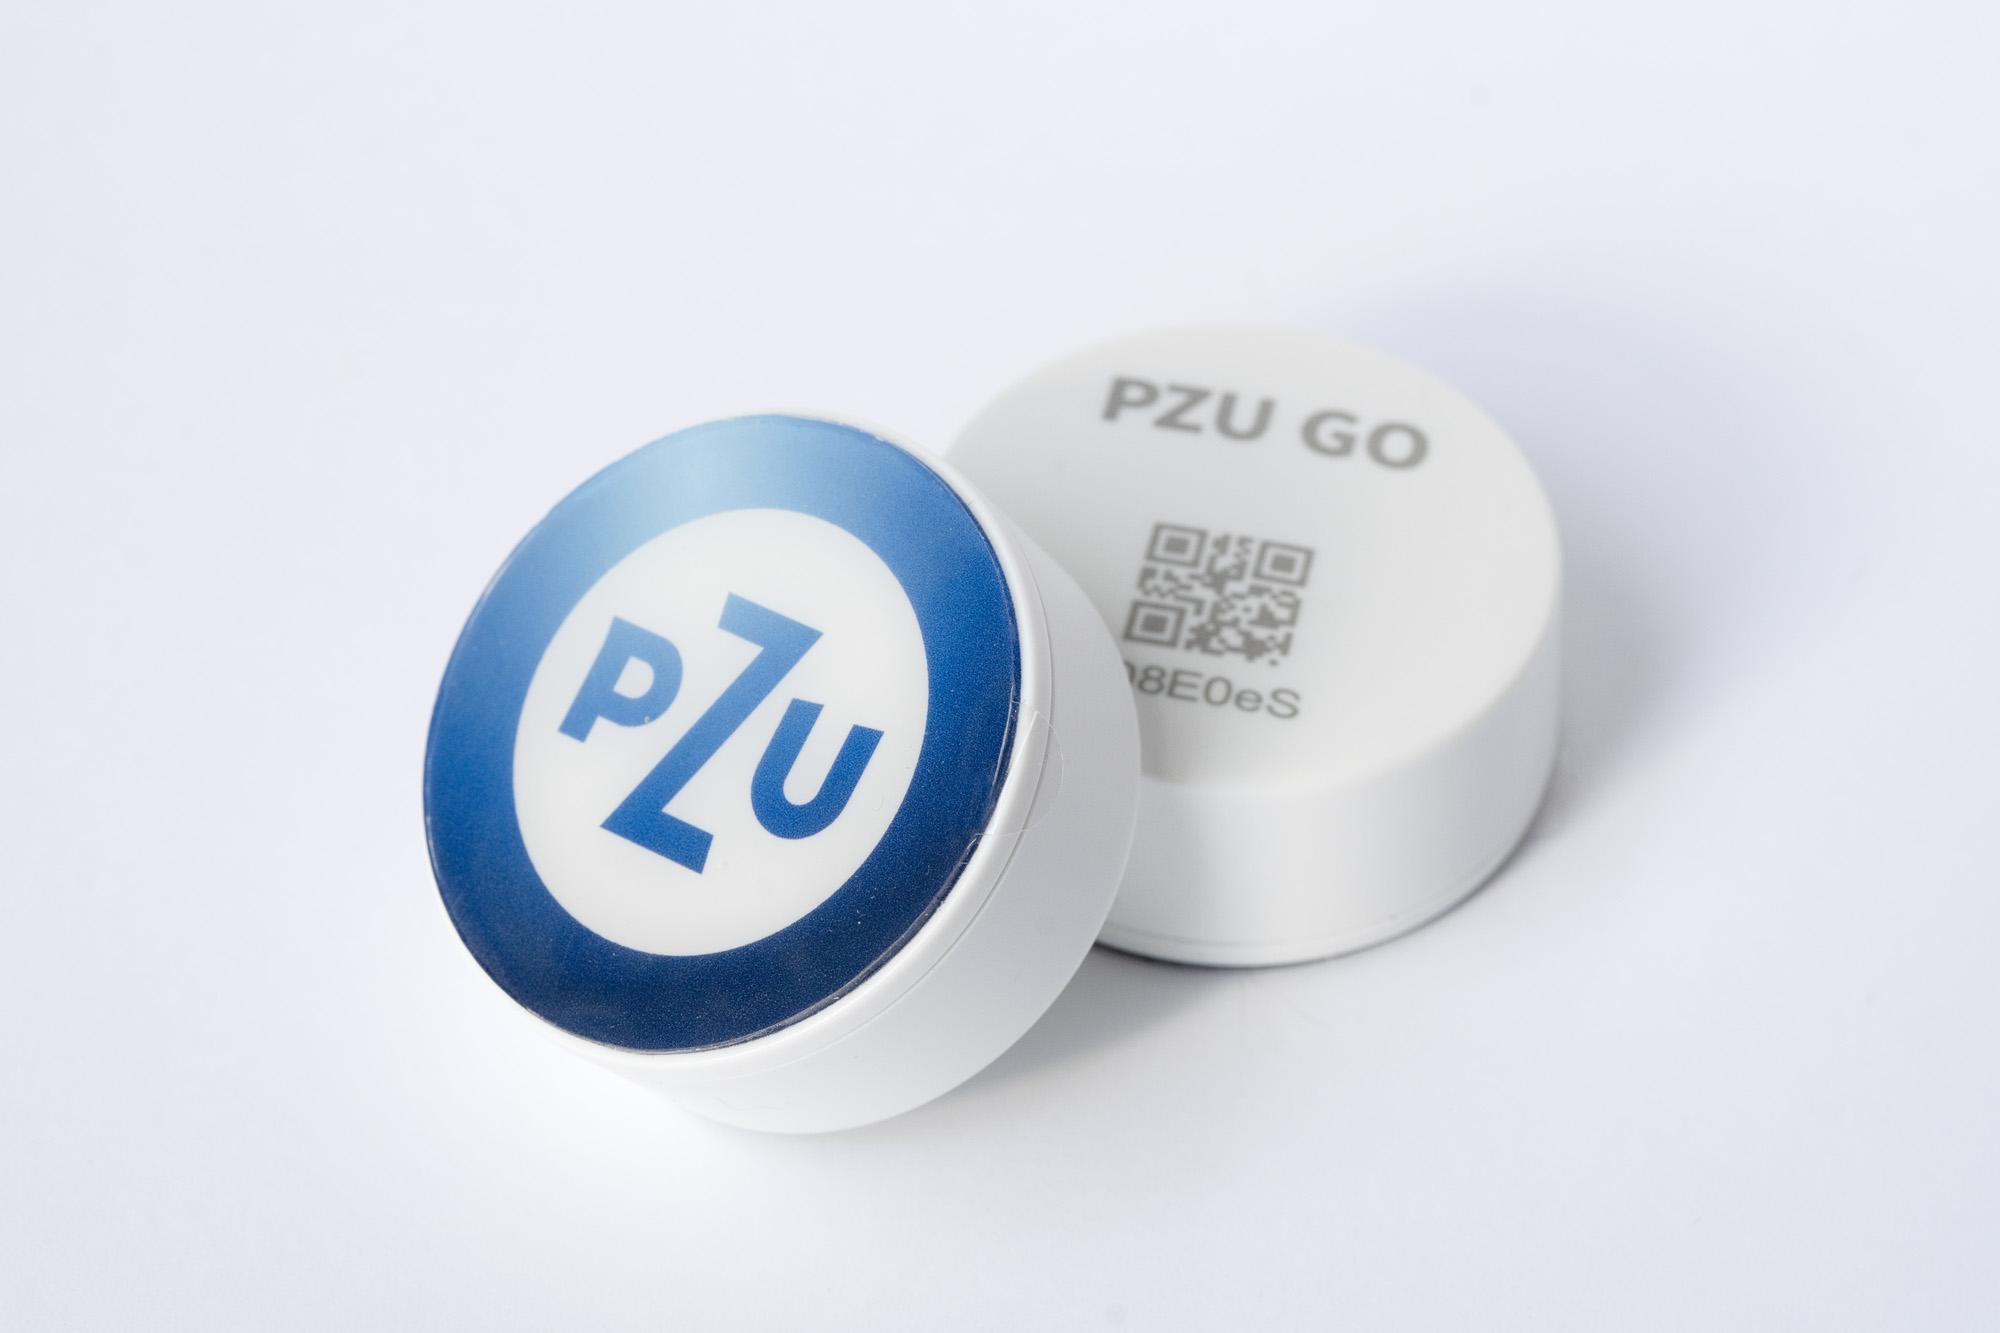 PZU GO wykryje wypadek i wezwie pogotowie, nawet w starszym samochodzie 17